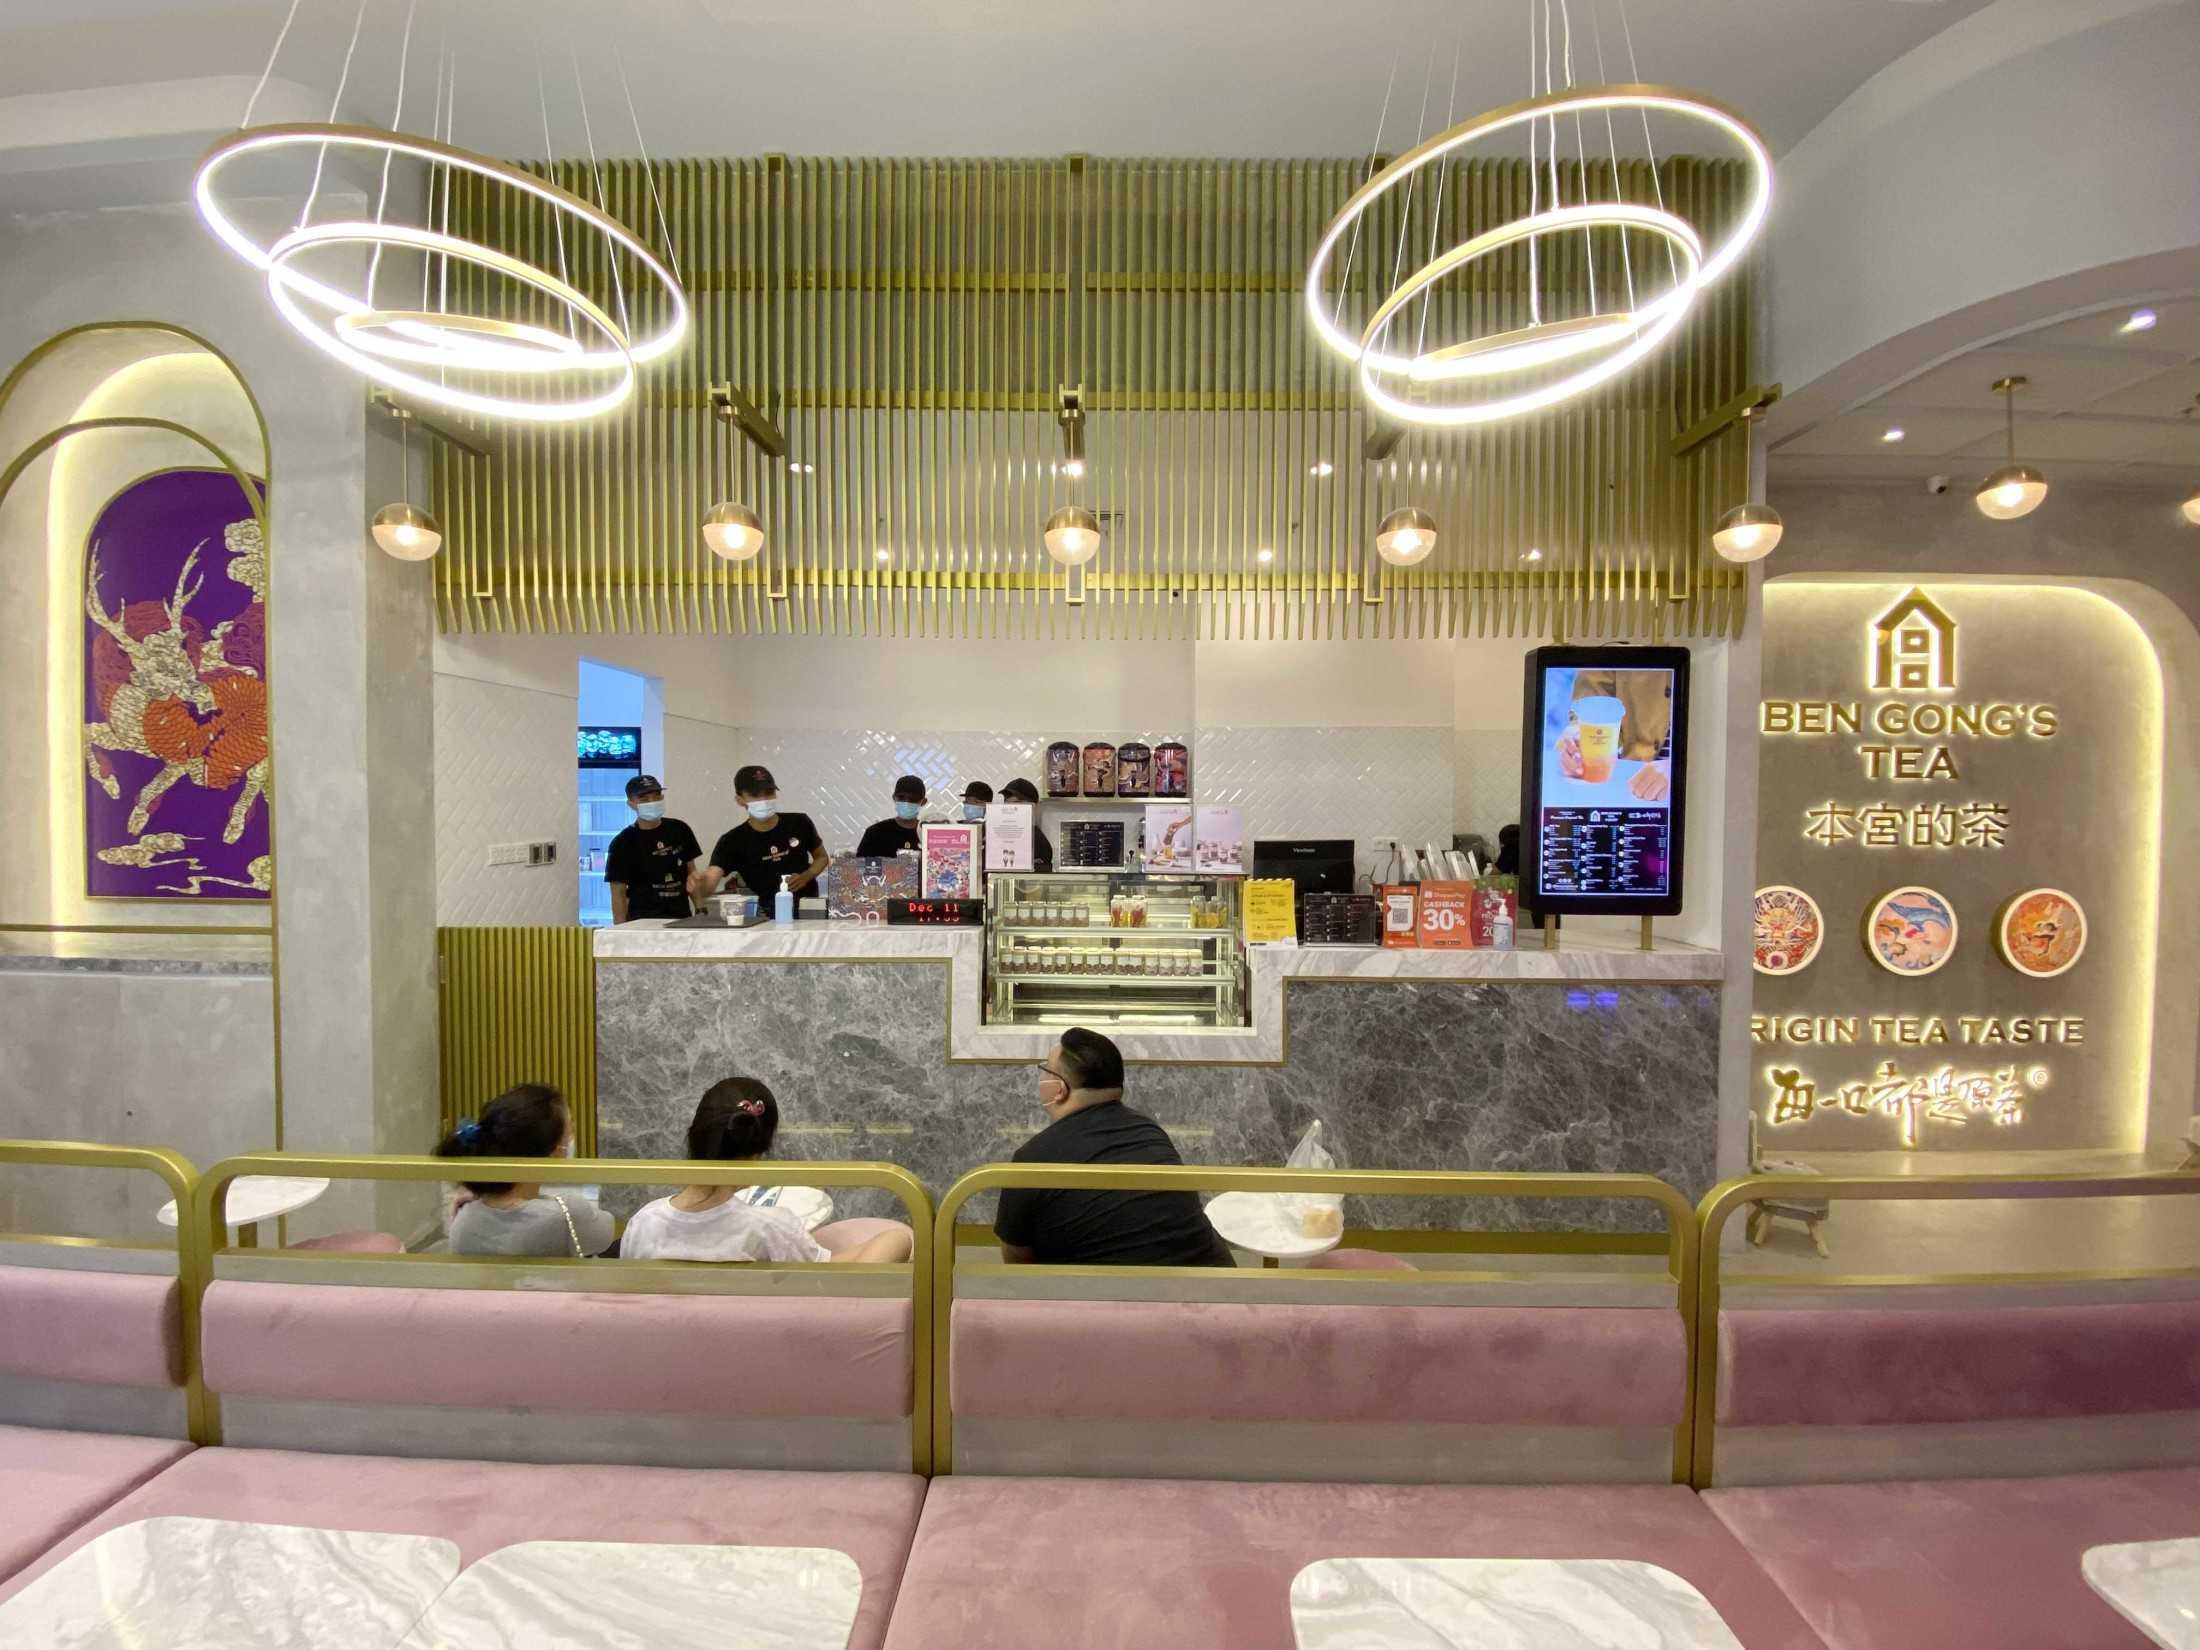 7Design Architect Ben Gong's Tea Karawaci Kec. Karawaci, Kota Tangerang, Banten, Indonesia Kec. Karawaci, Kota Tangerang, Banten, Indonesia 7Design-Architect-Ben-Gongs-Tea-Karawaci  117956